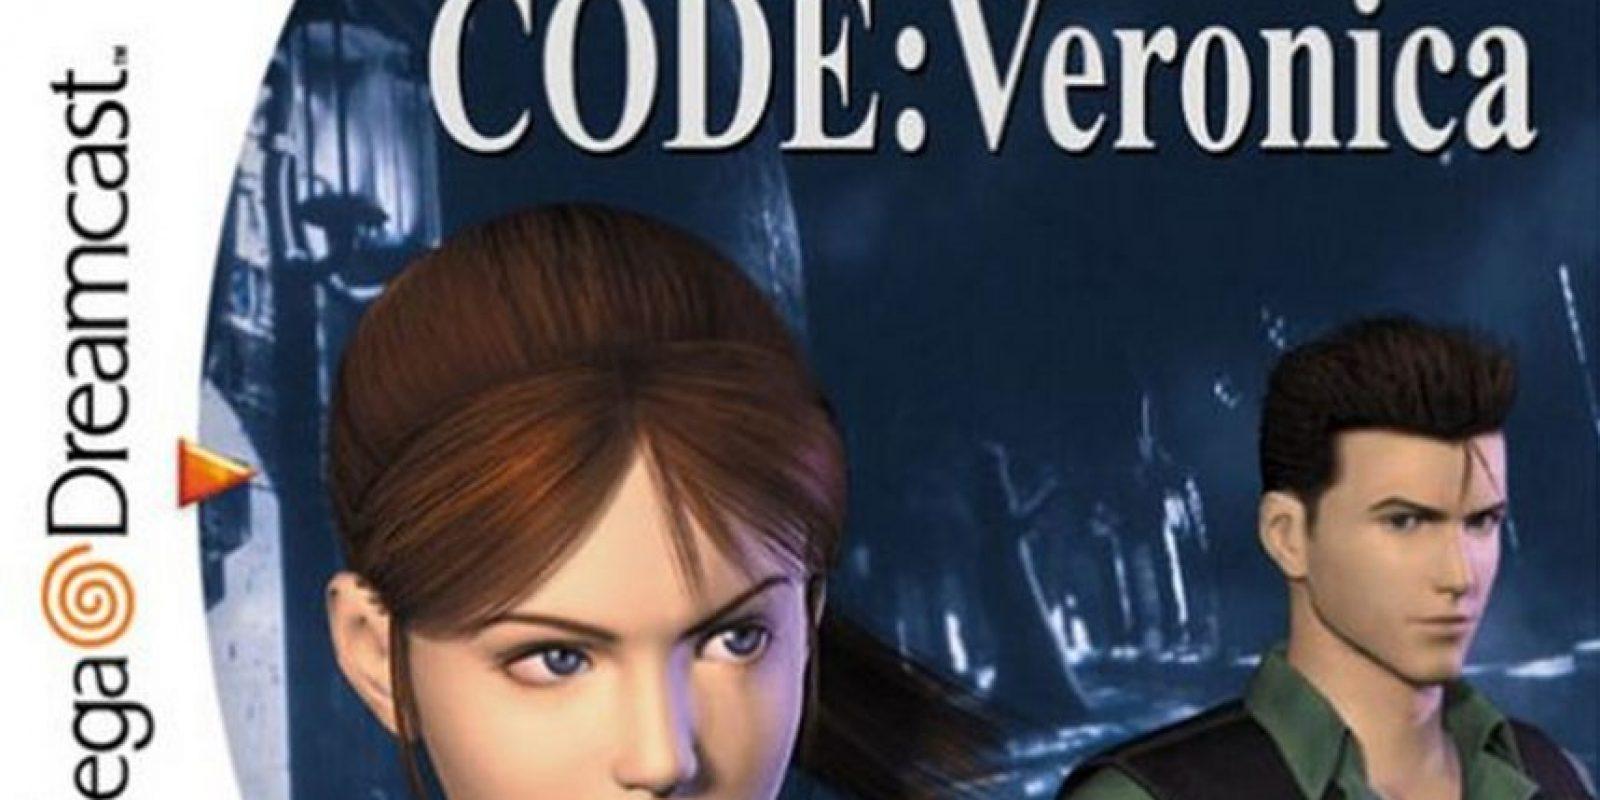 """En el 2000, """"Codigo Verónica"""" fue una historia alterna a las tres primeras entregas. A partir de este título, la propagación del juego a otras consolas comenzó a generalizarse Foto:Capcom"""